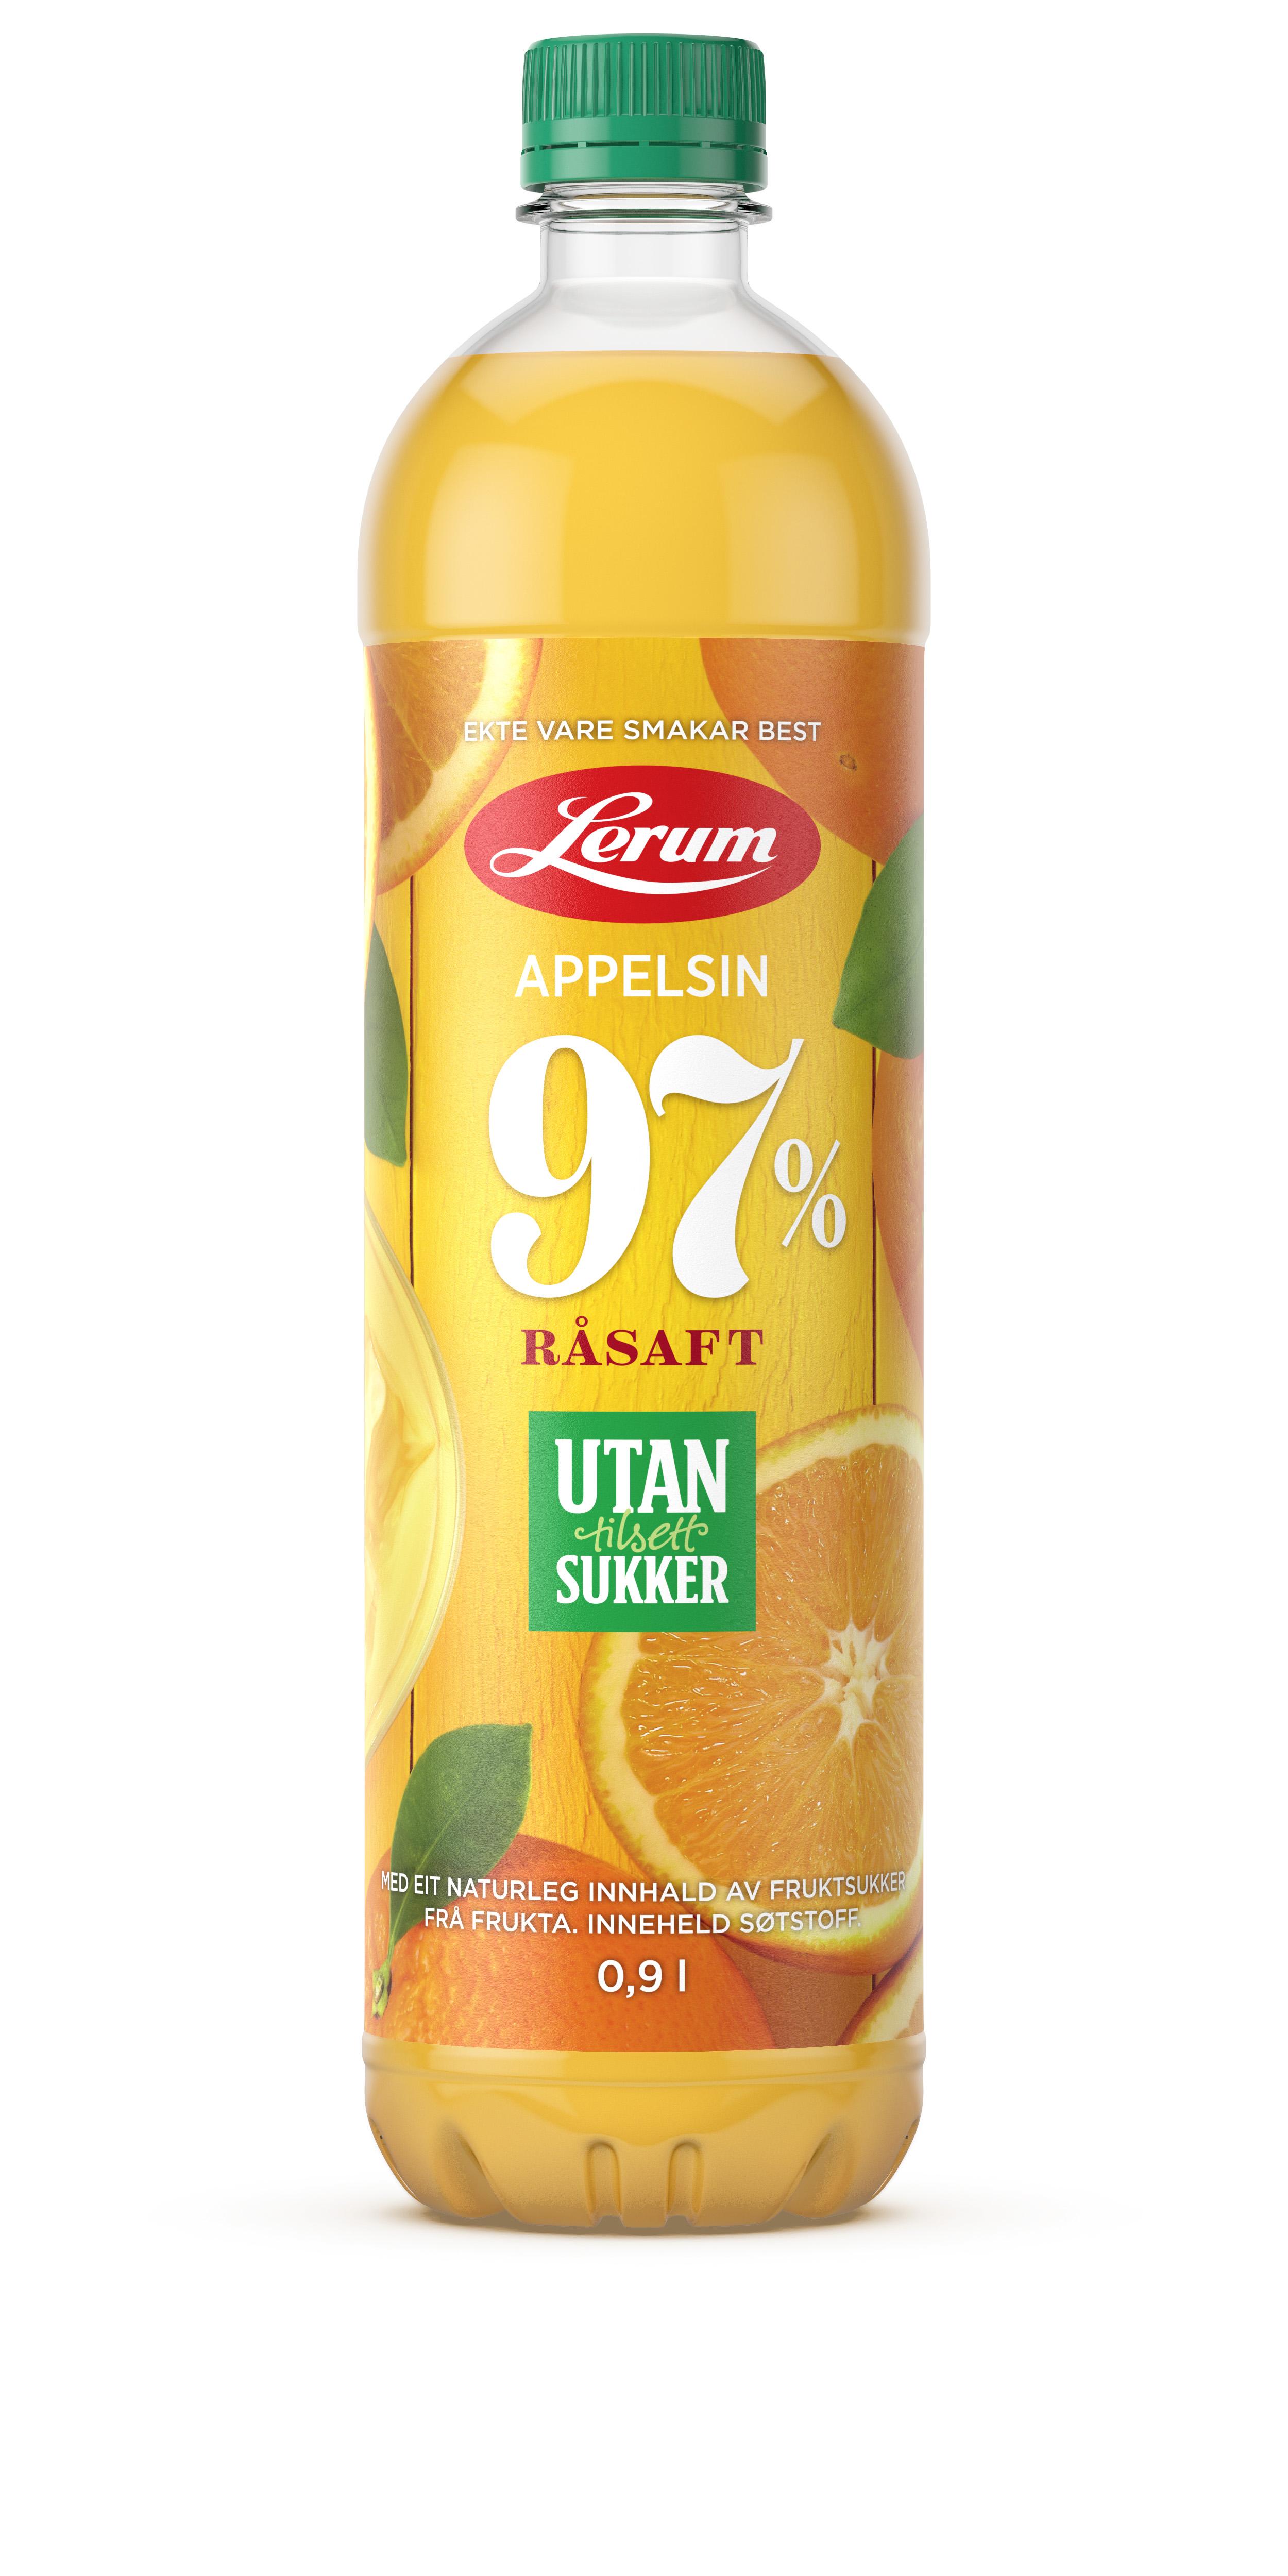 Lerum 97 % UTS Appelsin 3D.jpg